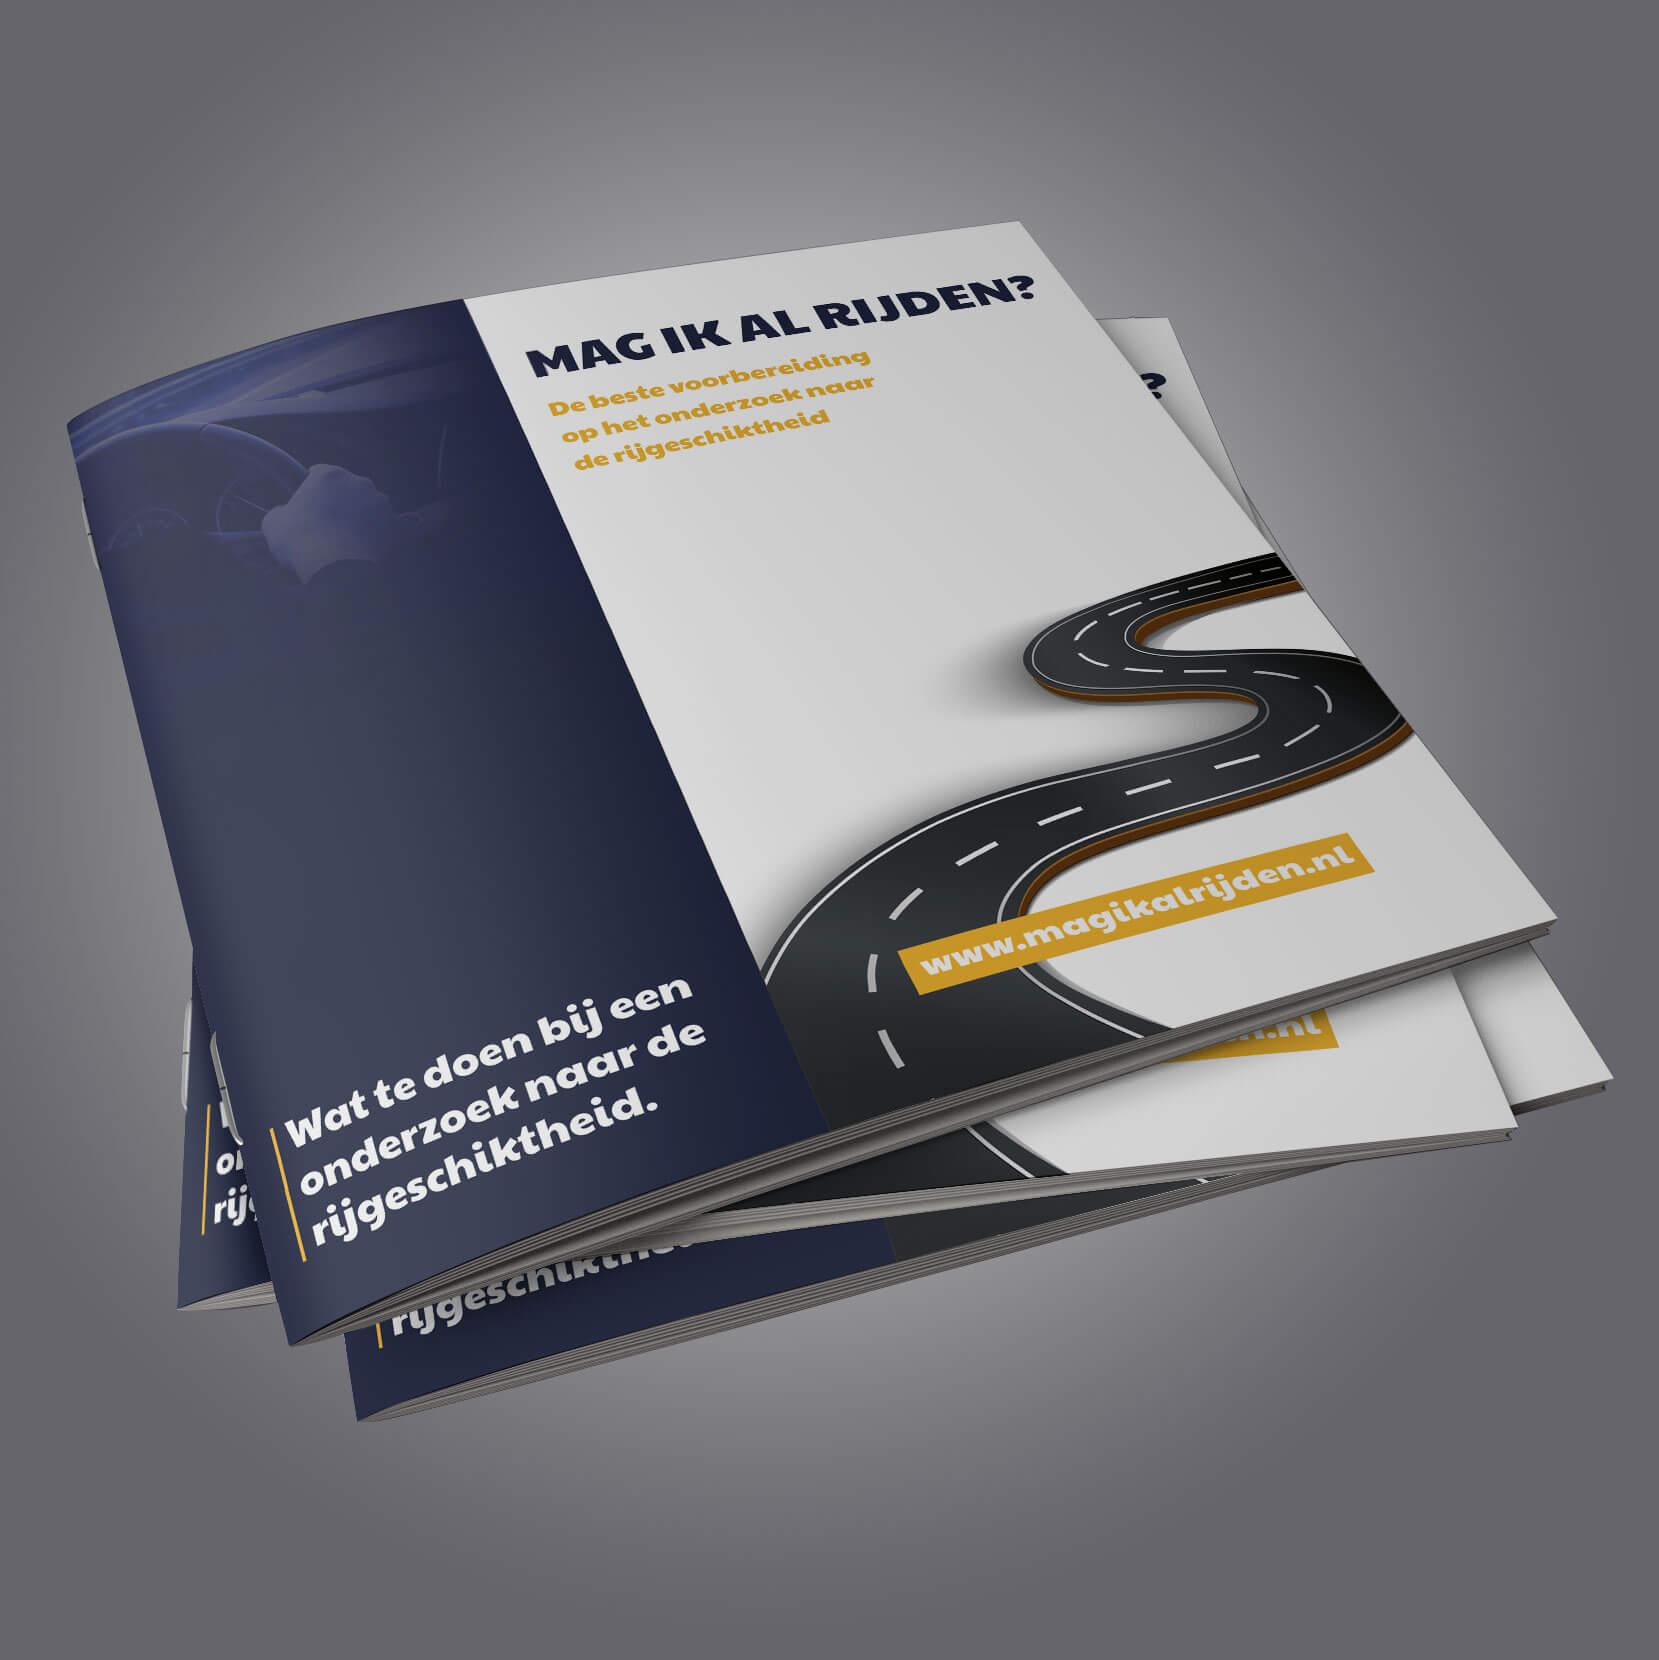 informatiebrochure onderzoek naar de rijgeschiktheid